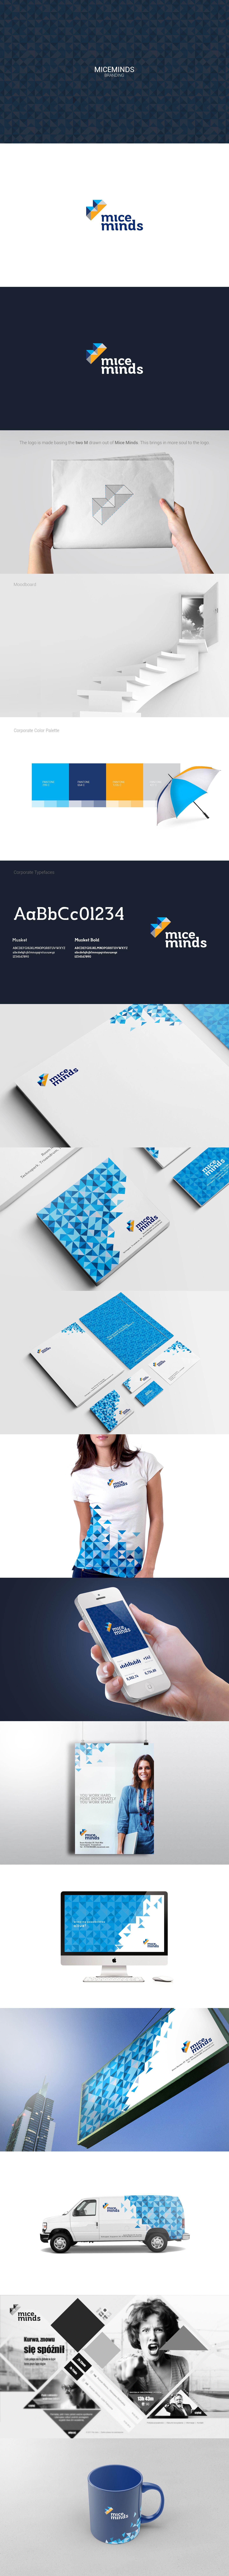 Her præsentere vi Miceminds logo i forskellige sammenhænge. Dette skal hjælpe med at definerer materialer fremadrettet, hvor marketing skal være loyale over for logoet.